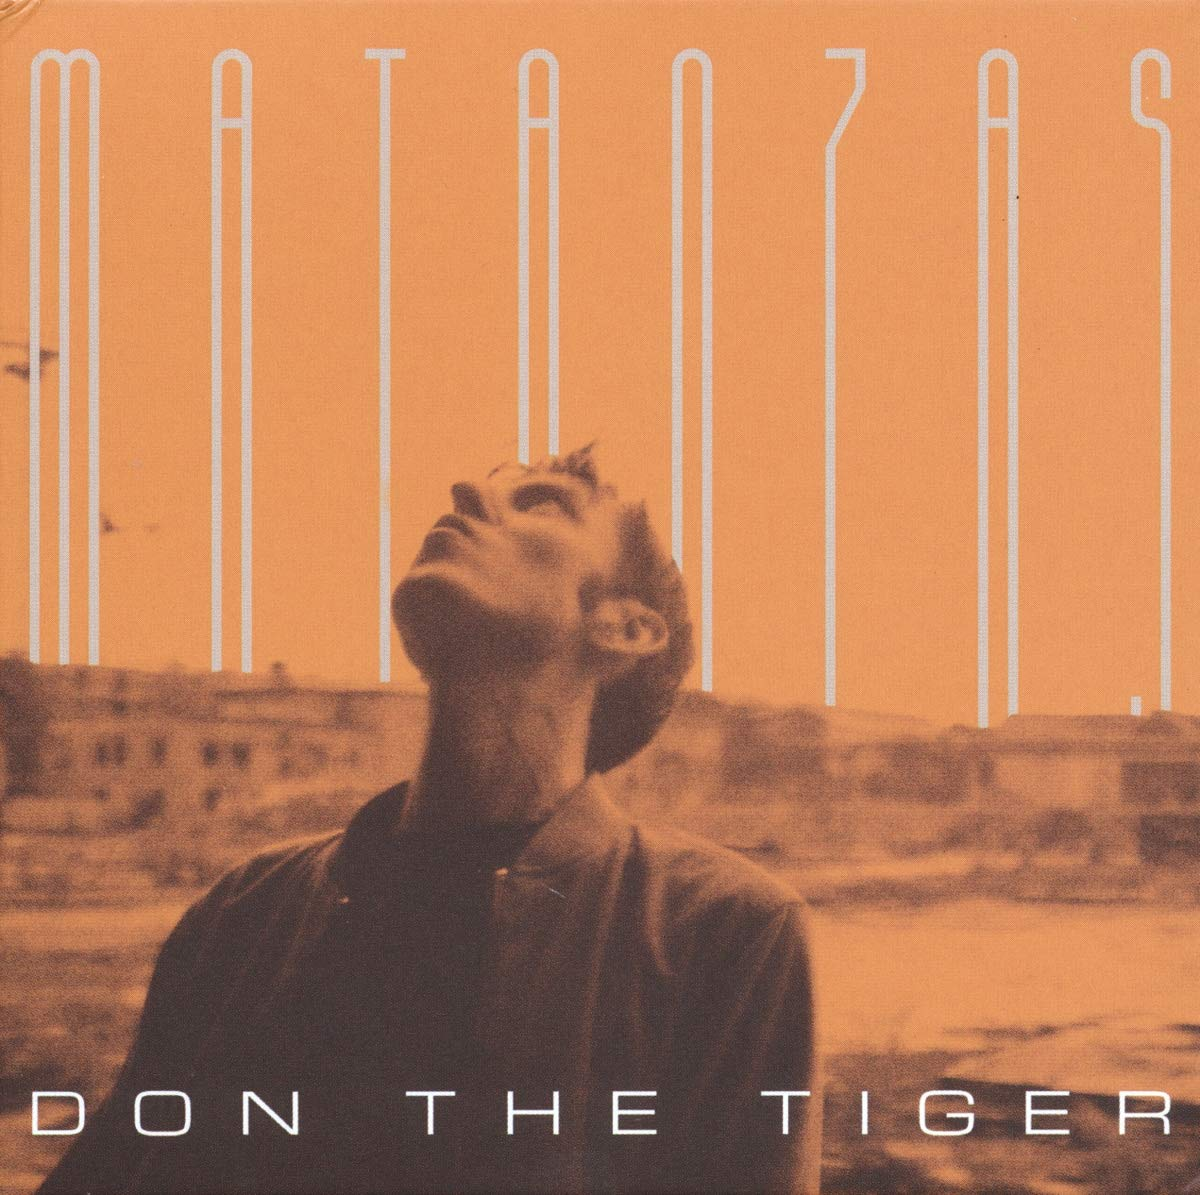 Don The Tiger - Matanzas